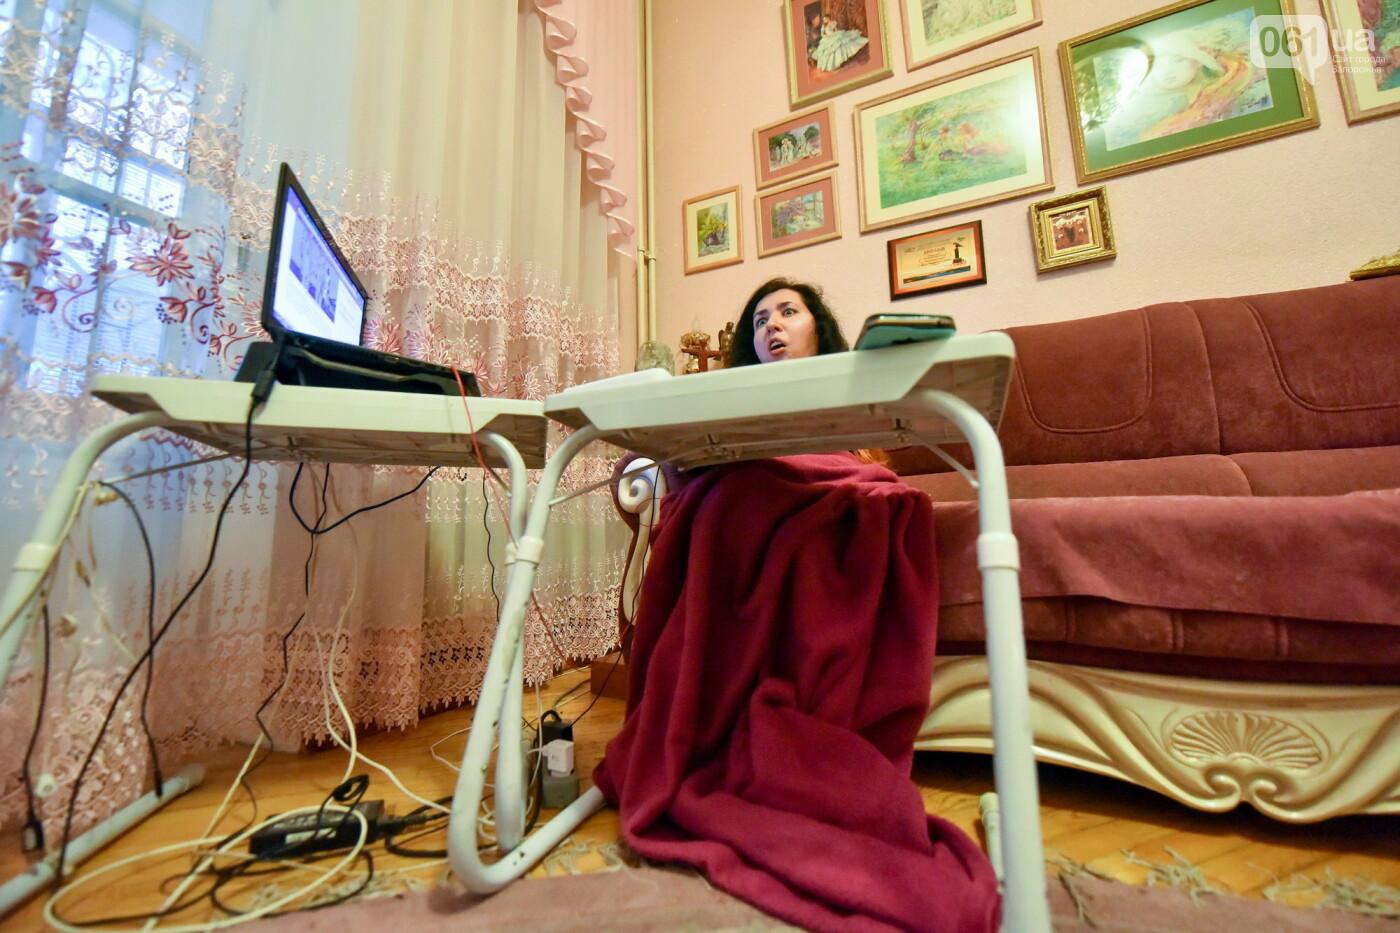 """Марианна с инвалидностью, которую не взяли на TV: """"Лет до 14 мне вообще было пофиг, что я не хожу"""", фото-14"""